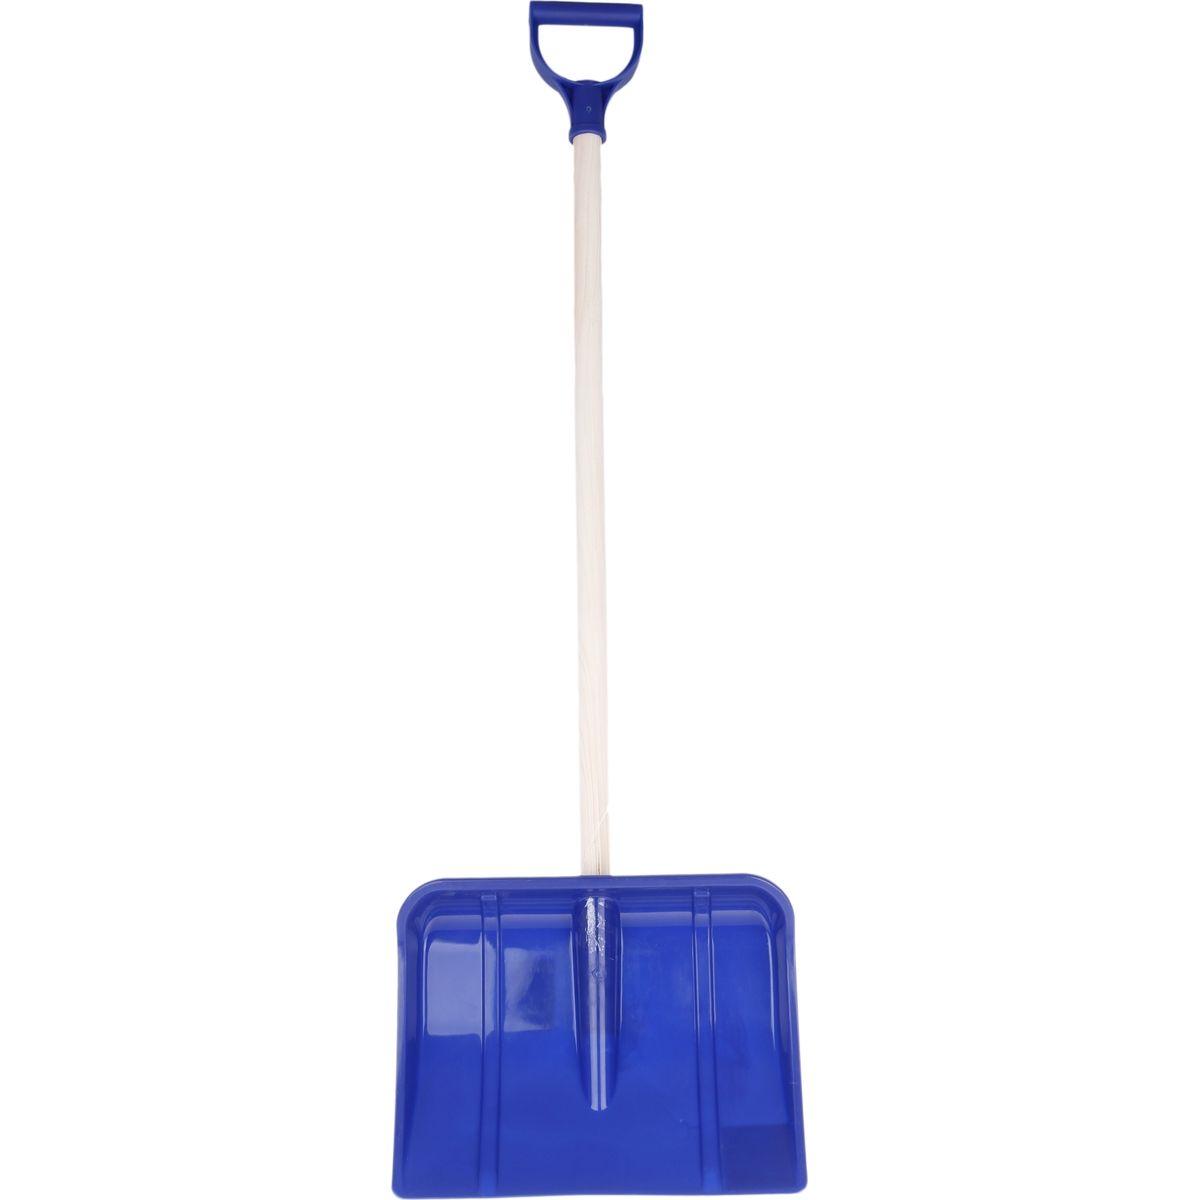 Lopata na vyhrnování sněhu 95cm - Modrá